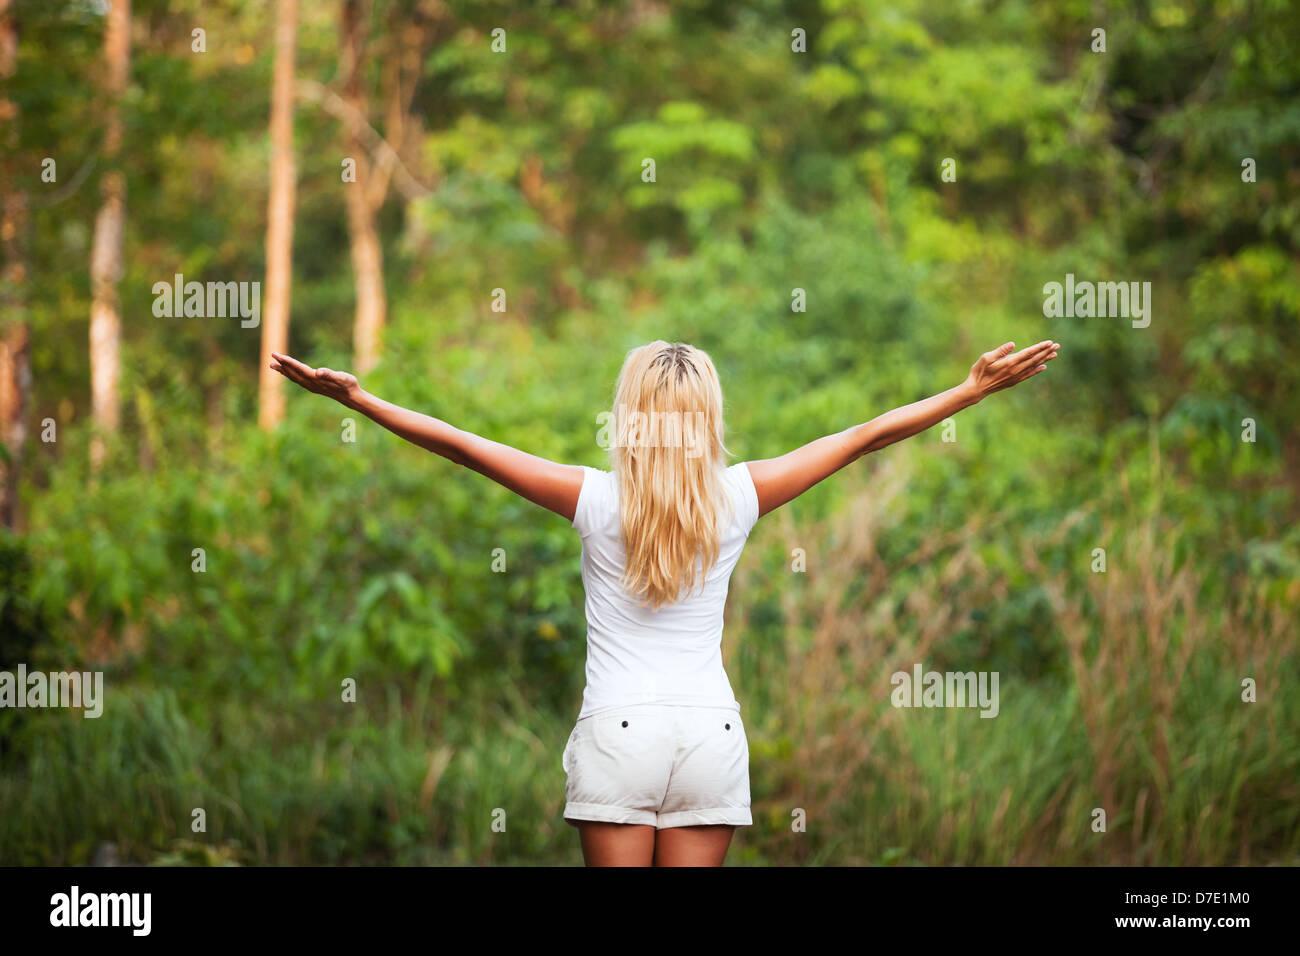 Harmonie mit der Natur wieder Frau mit erhobenen Händen im Wald Stockbild